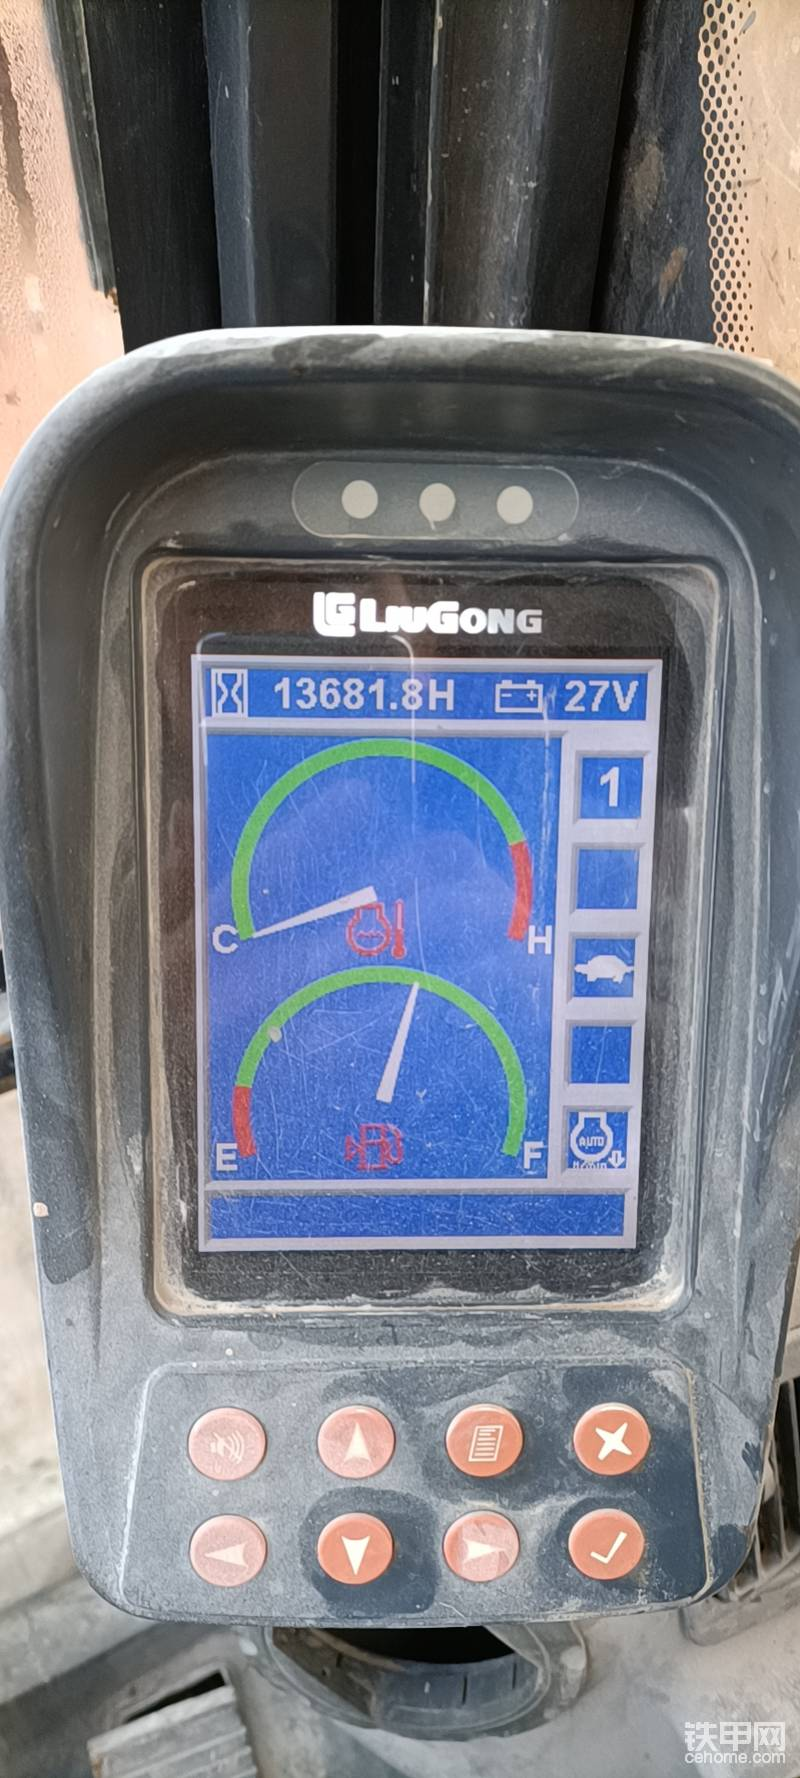 柳工925D挖機顯示屏沒有日期和時間了,是怎么回事,請問-帖子圖片